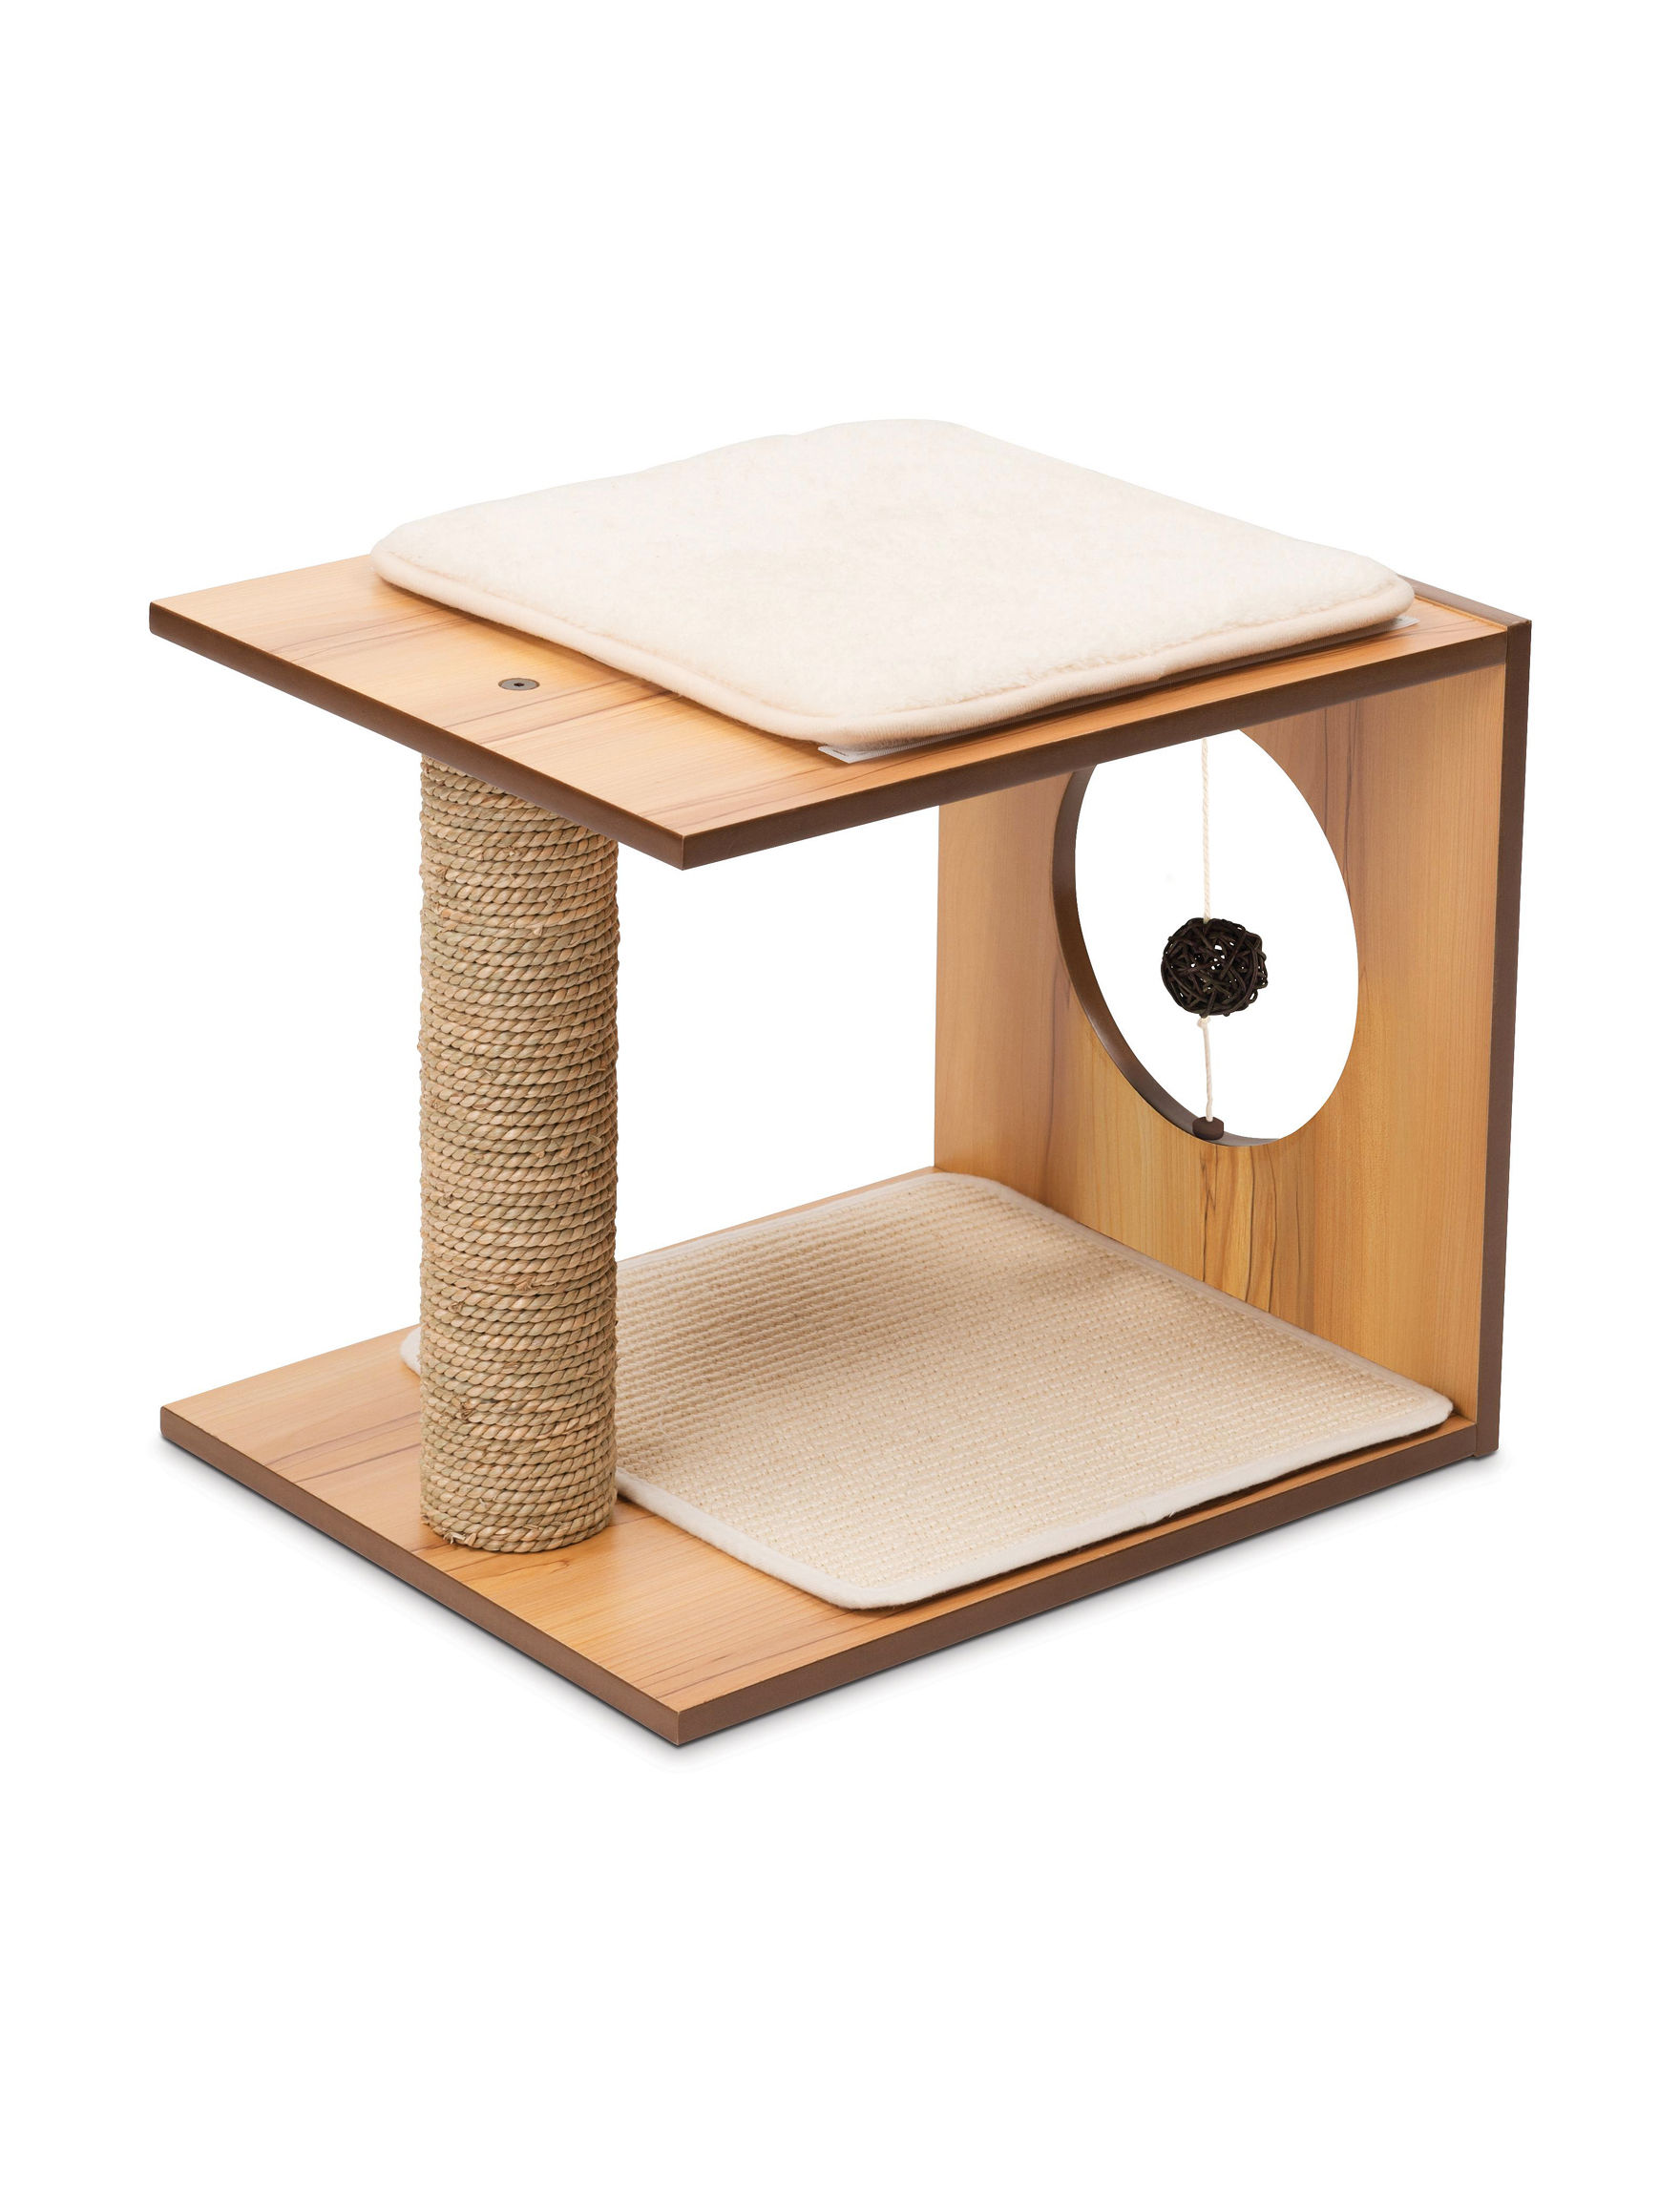 Hagen Beige Pet Beds & Houses